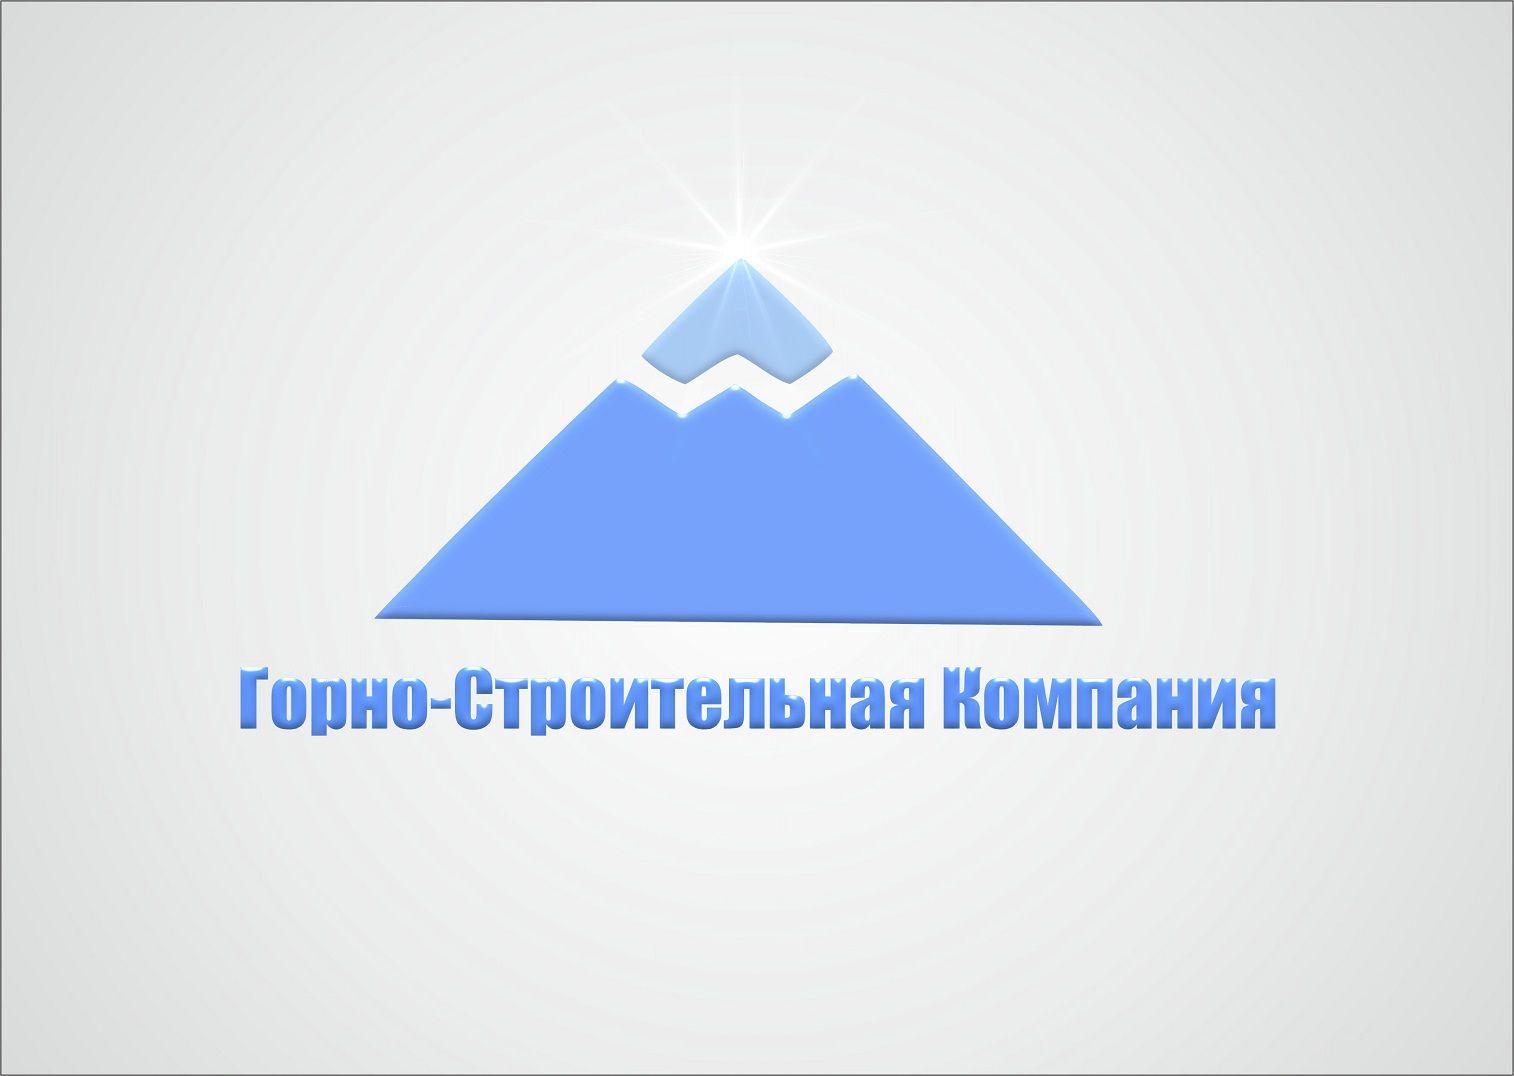 Логотип для Горно-Строительной Компании - дизайнер anton